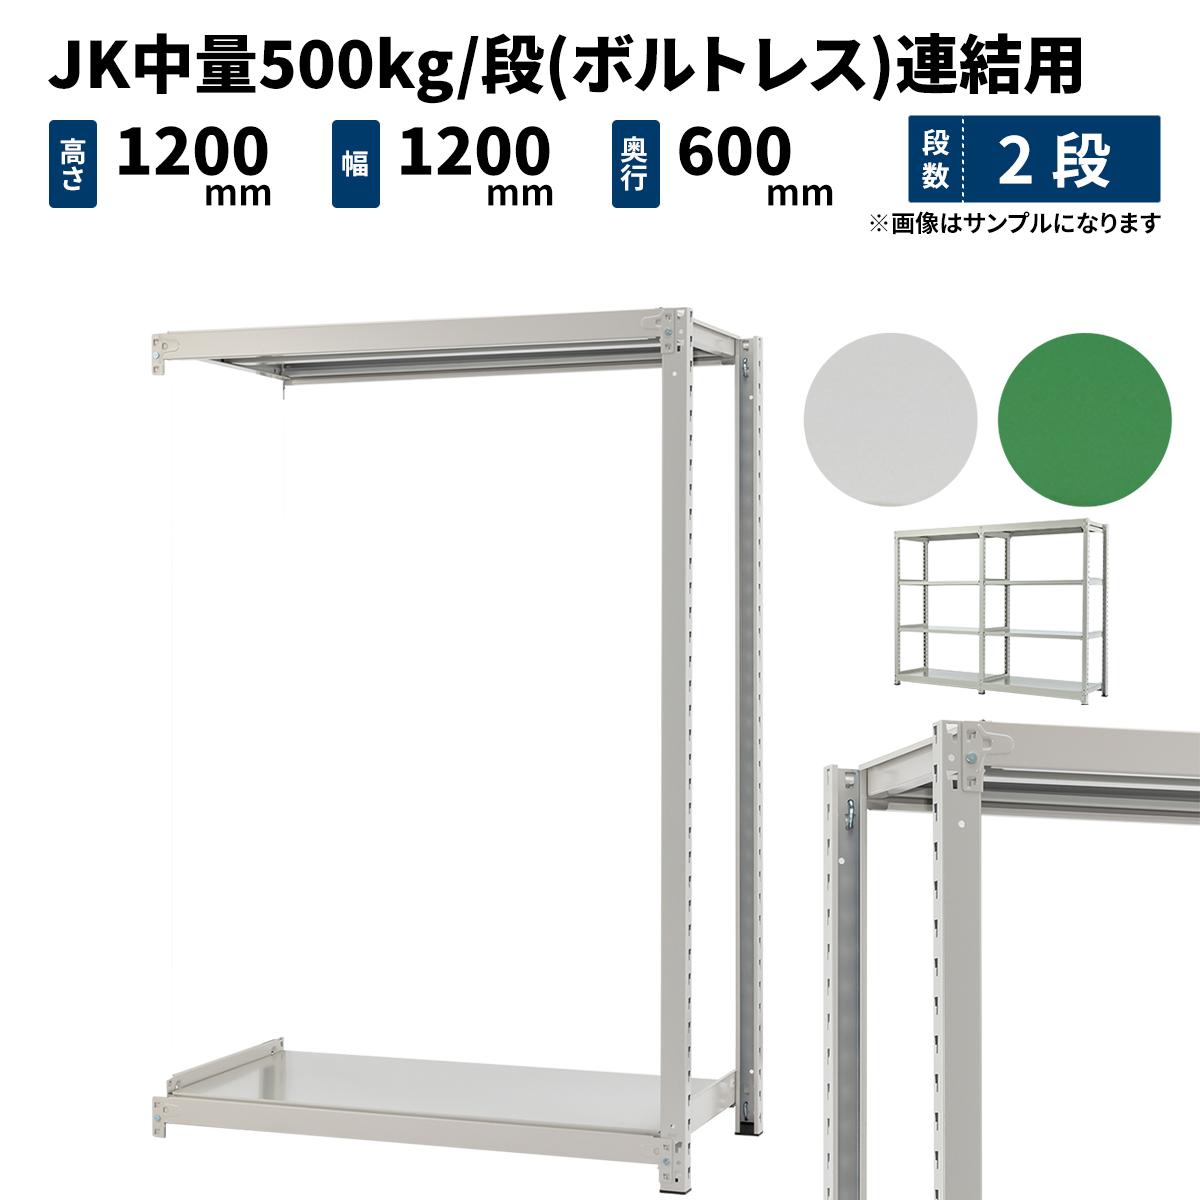 スチールラック 業務用 JK中量500kg/段(ボルトレス) 連結形式 高さ1200×幅1200×奥行600mm 2段 ホワイトグレー/グリーン (34kg) JK500_R-121206-2